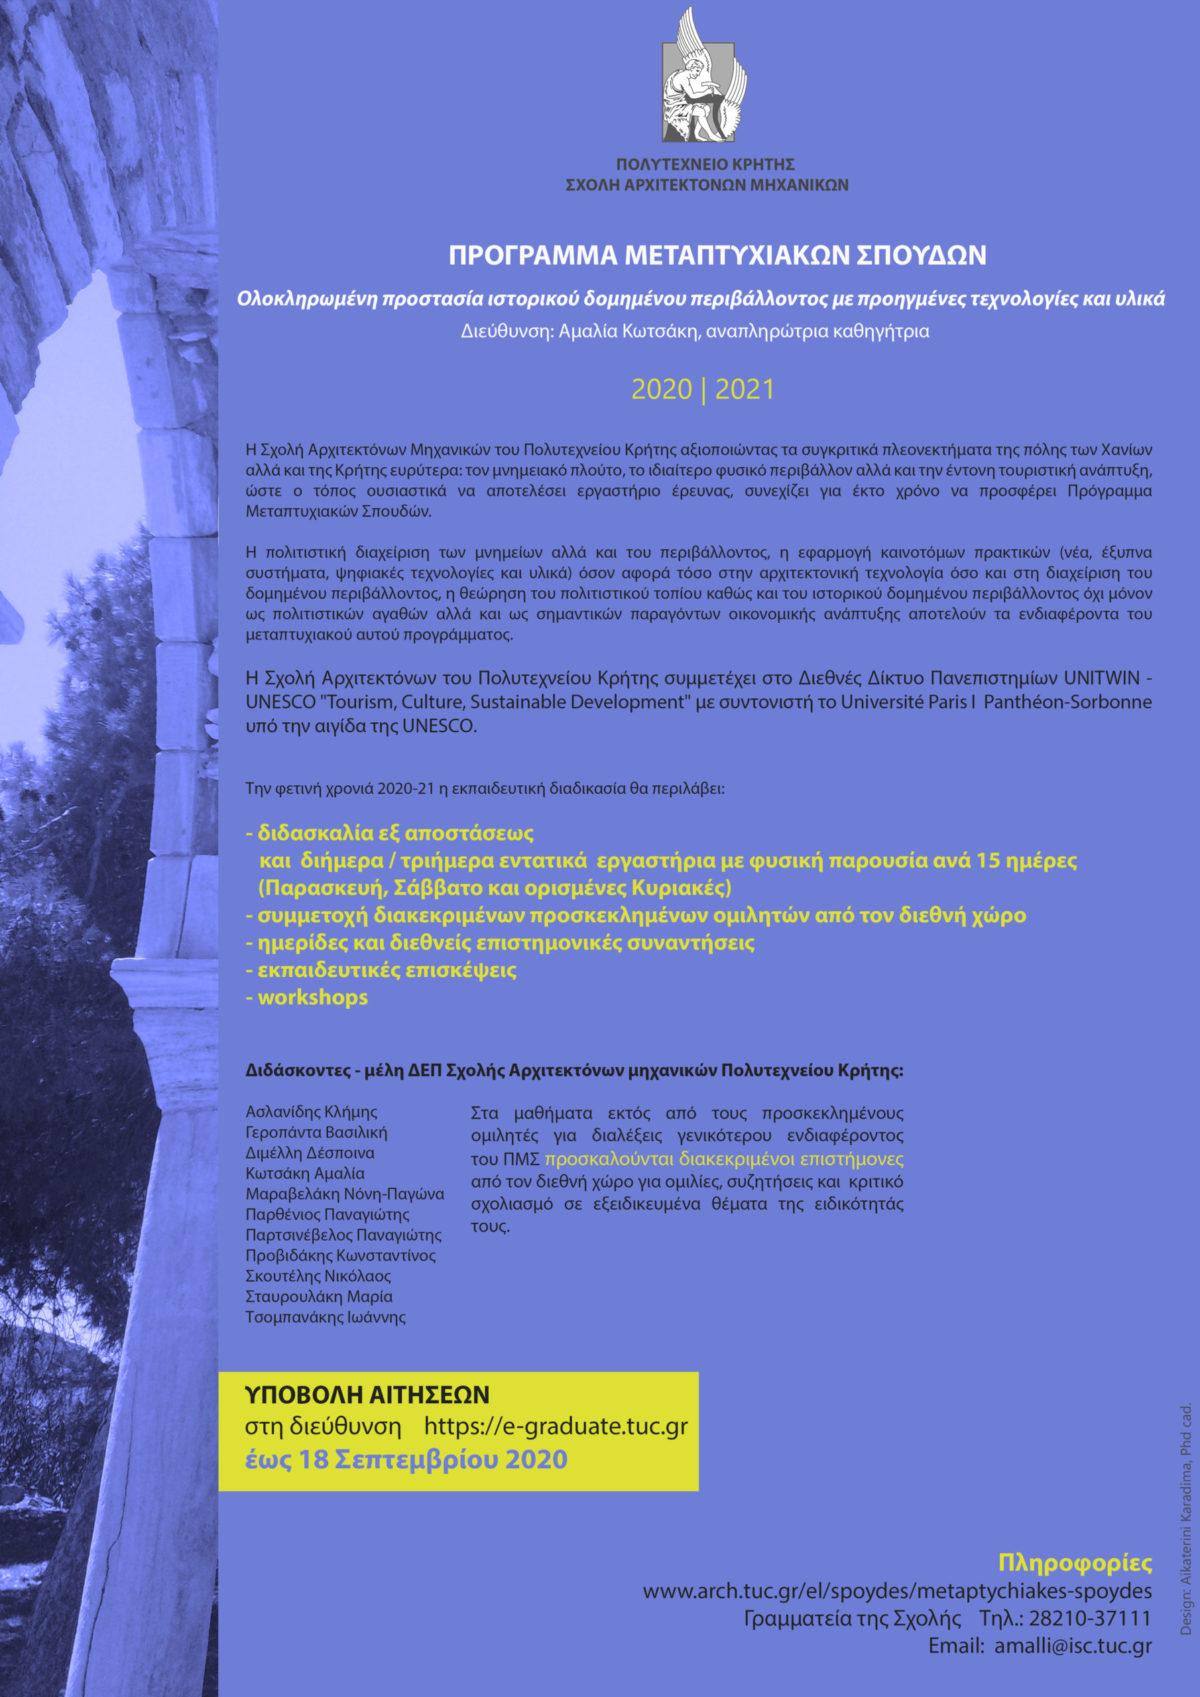 Πρόγραμμα Μεταπτυχιακών Σπουδών της Σχολής Αρχιτεκτόνων Μηχανικών του Πολυτεχνείου Κρήτης για το ακαδημαϊκό έτος 2020-2021: «Ολοκληρωμένη προστασία ιστορικού δομημένου περιβάλλοντος με προηγμένες τεχνολογίες και υλικά»